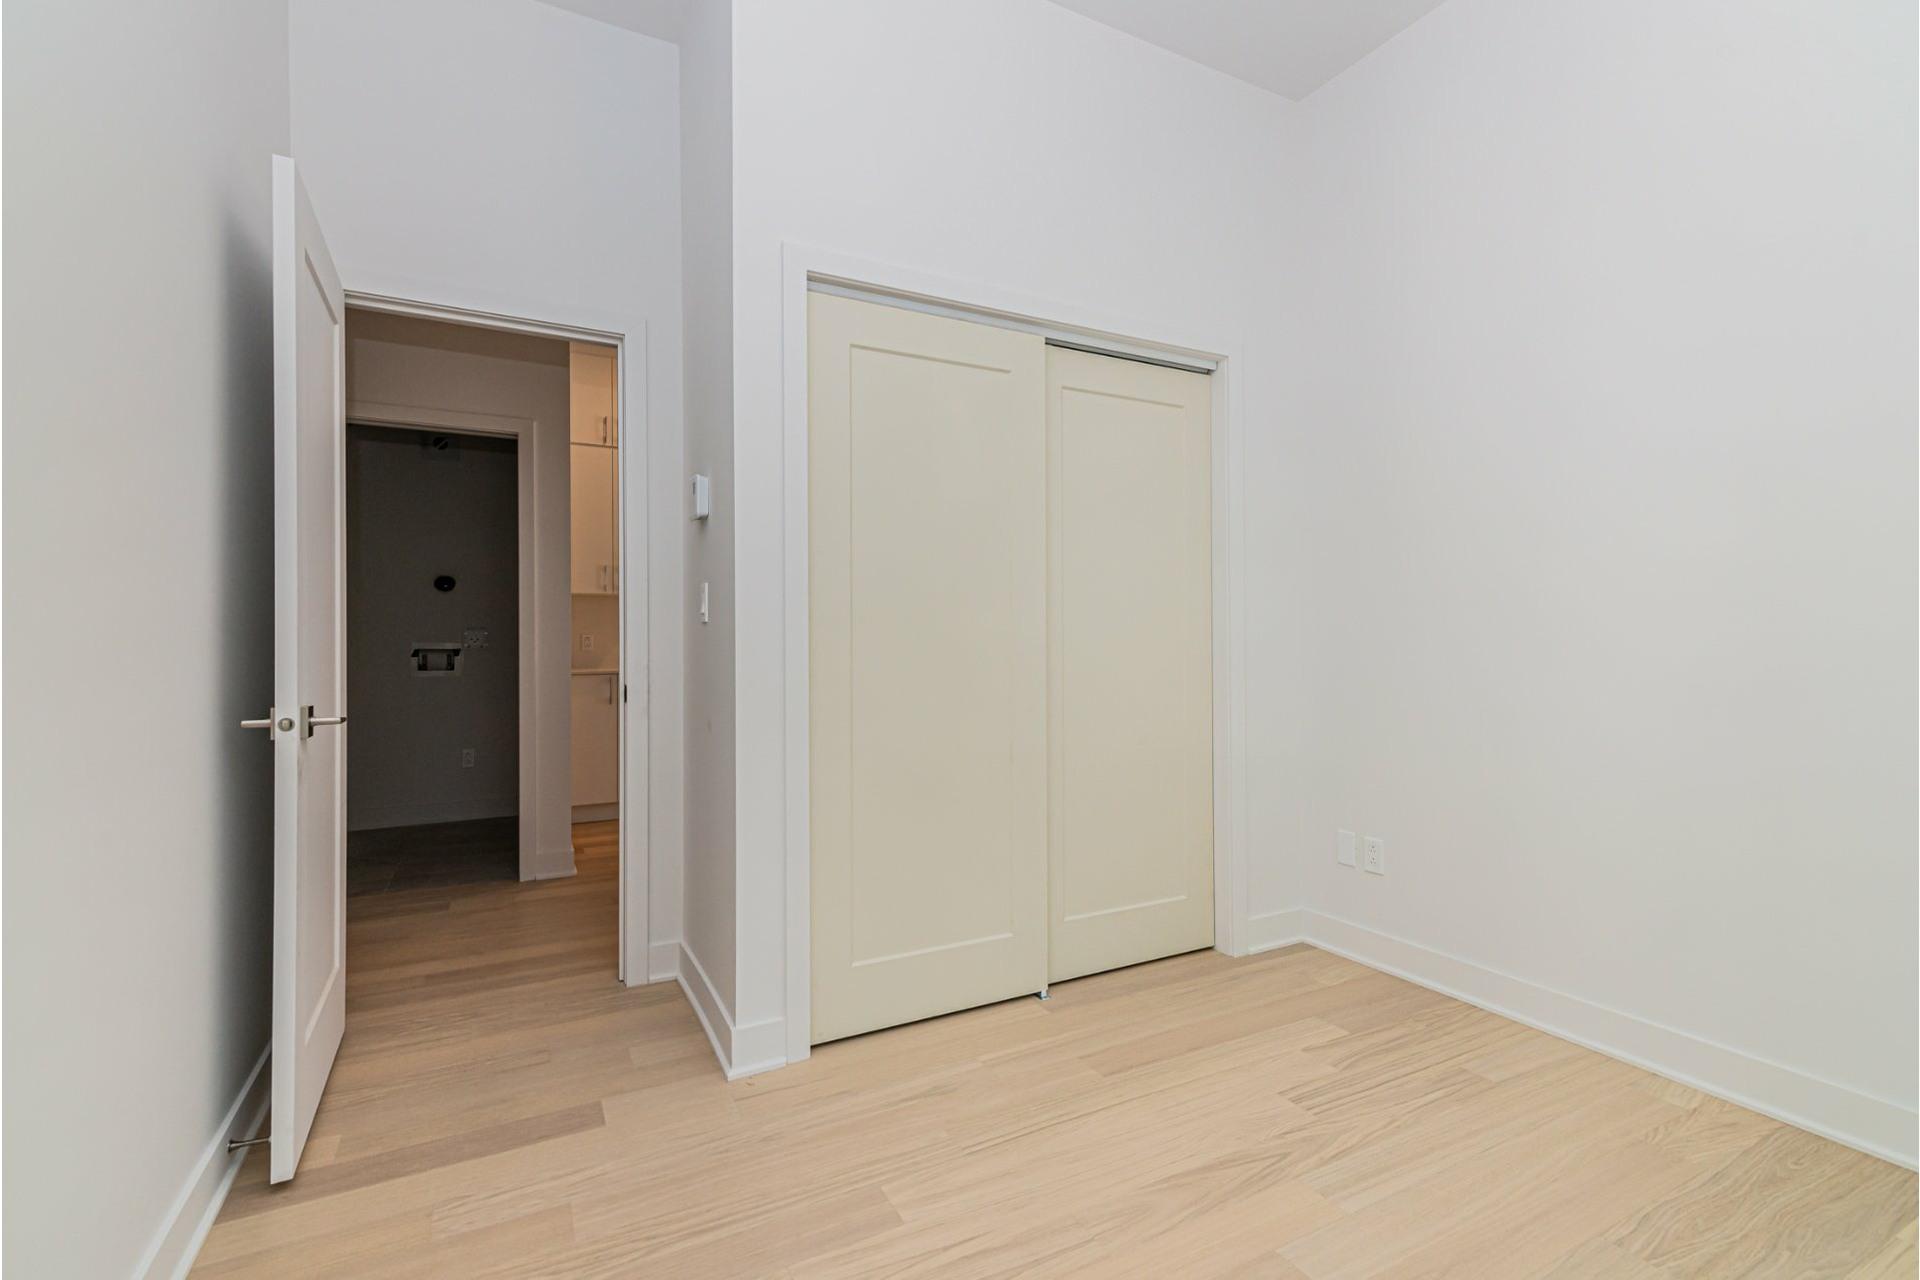 image 17 - Apartment For sale Rosemont/La Petite-Patrie Montréal  - 5 rooms